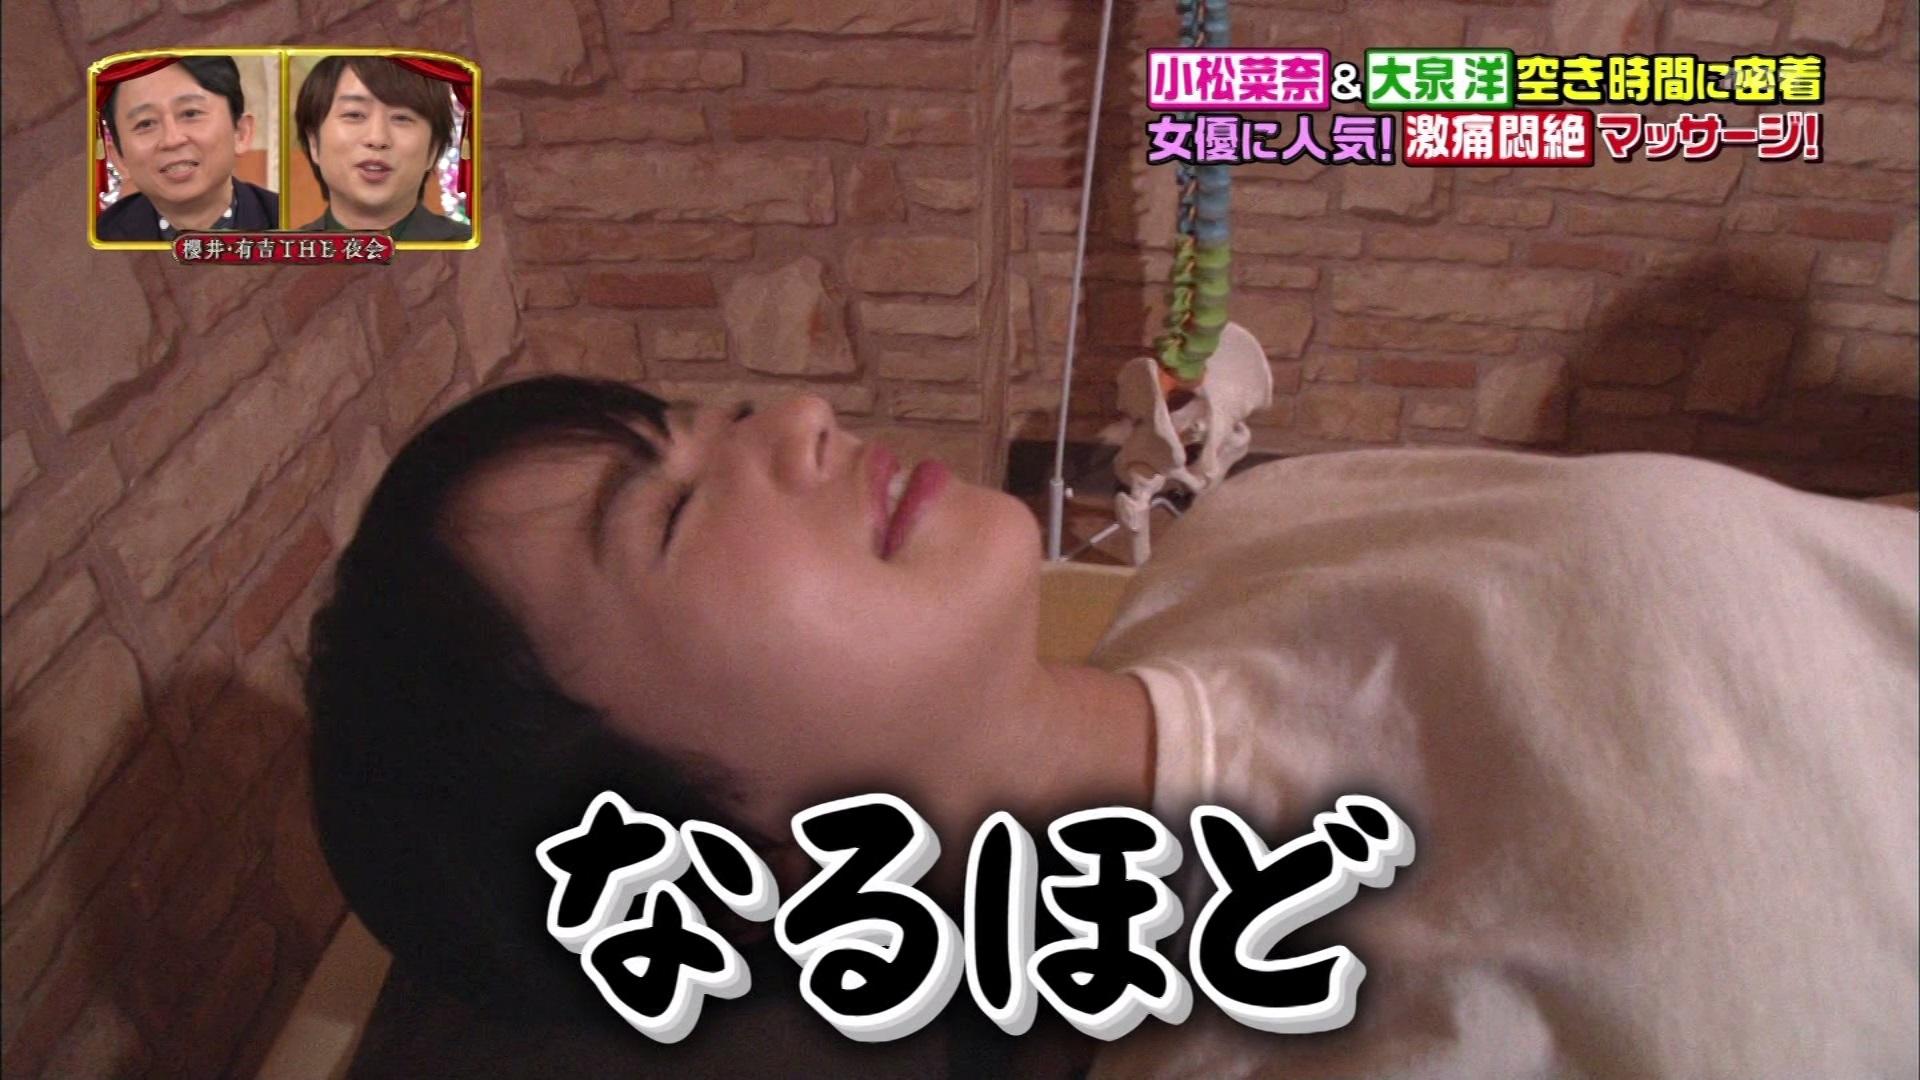 小松菜奈_マッサージ_テレビキャプ画像_06